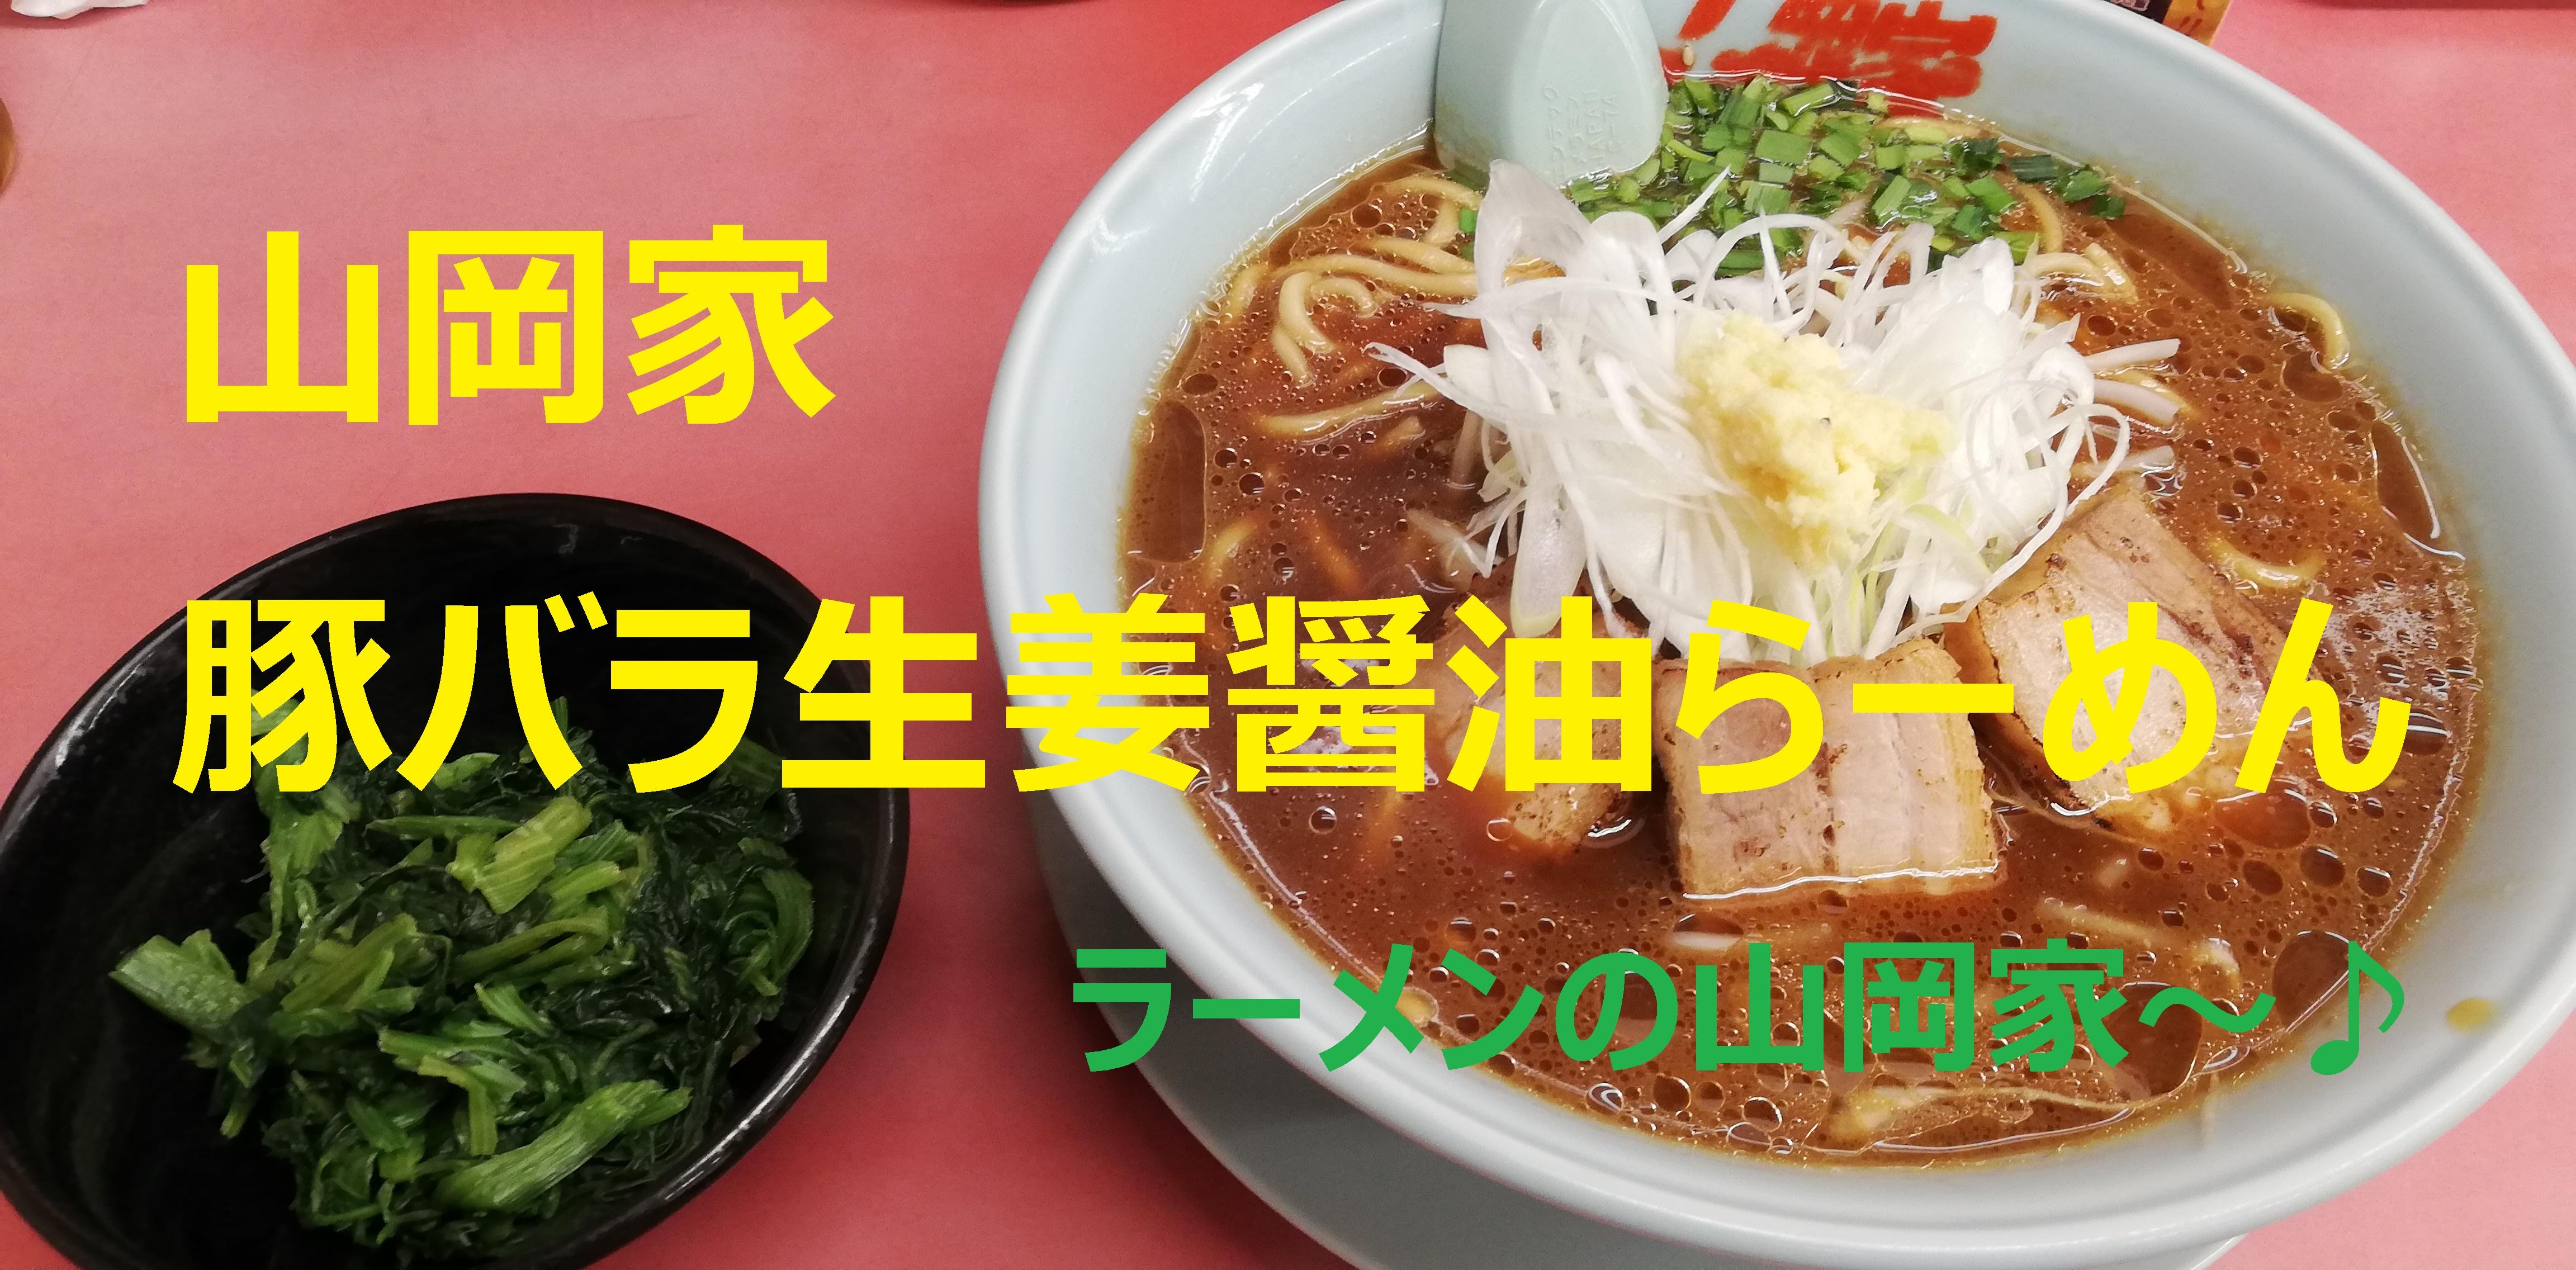 山岡家、豚バラ生姜醤油らーめんのアイキャッチ画像